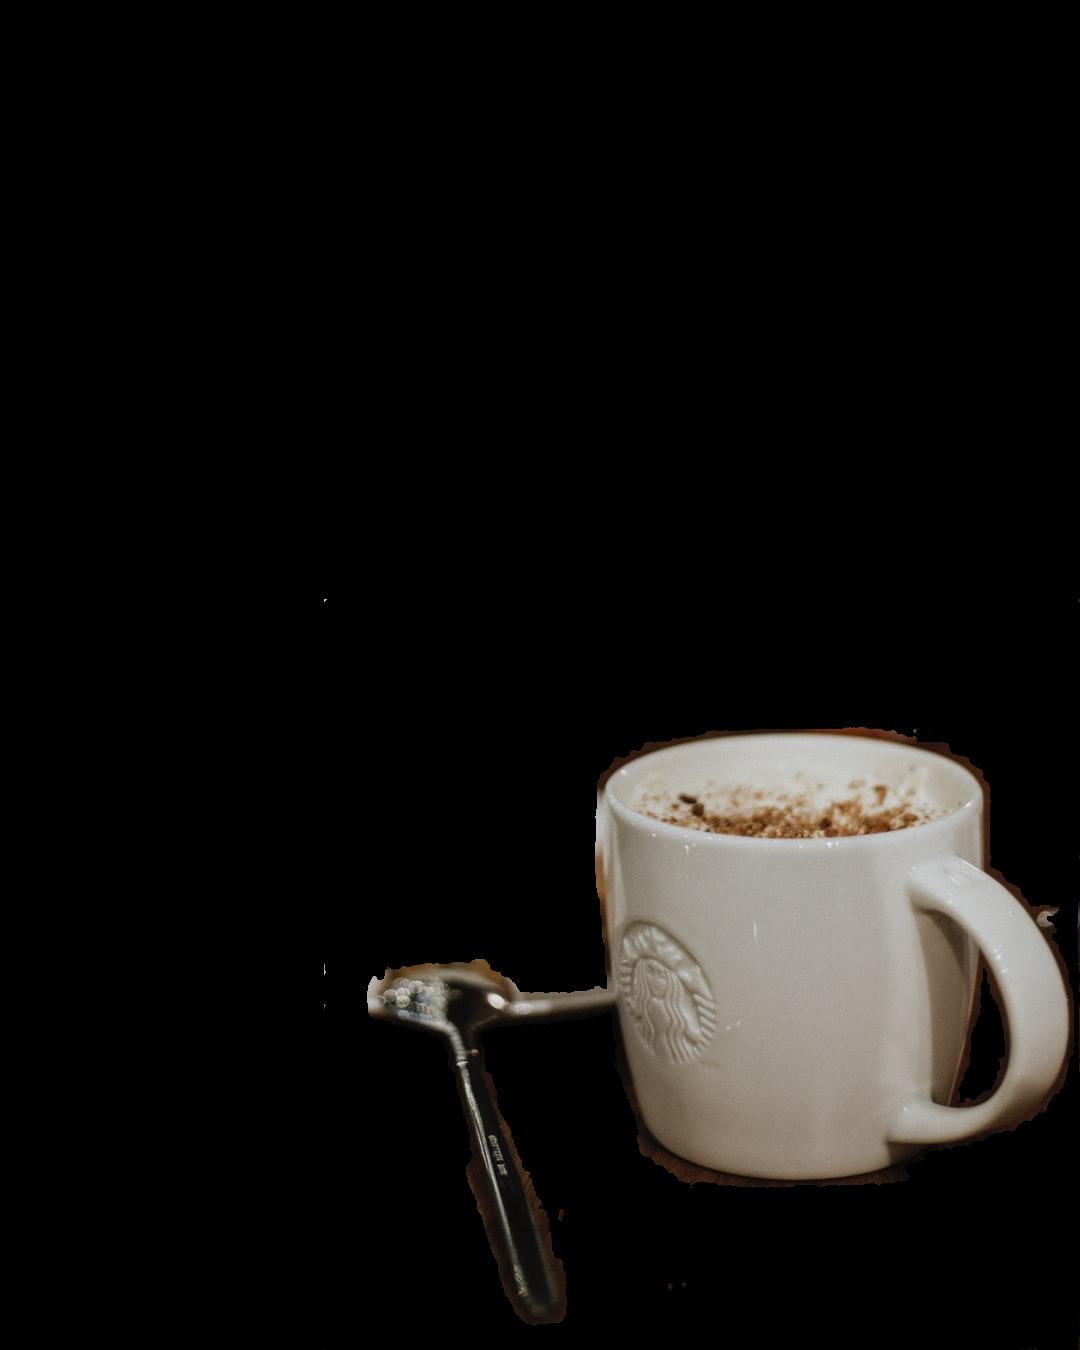 white ceramic mug on white ceramic plate beside stainless steel spoon